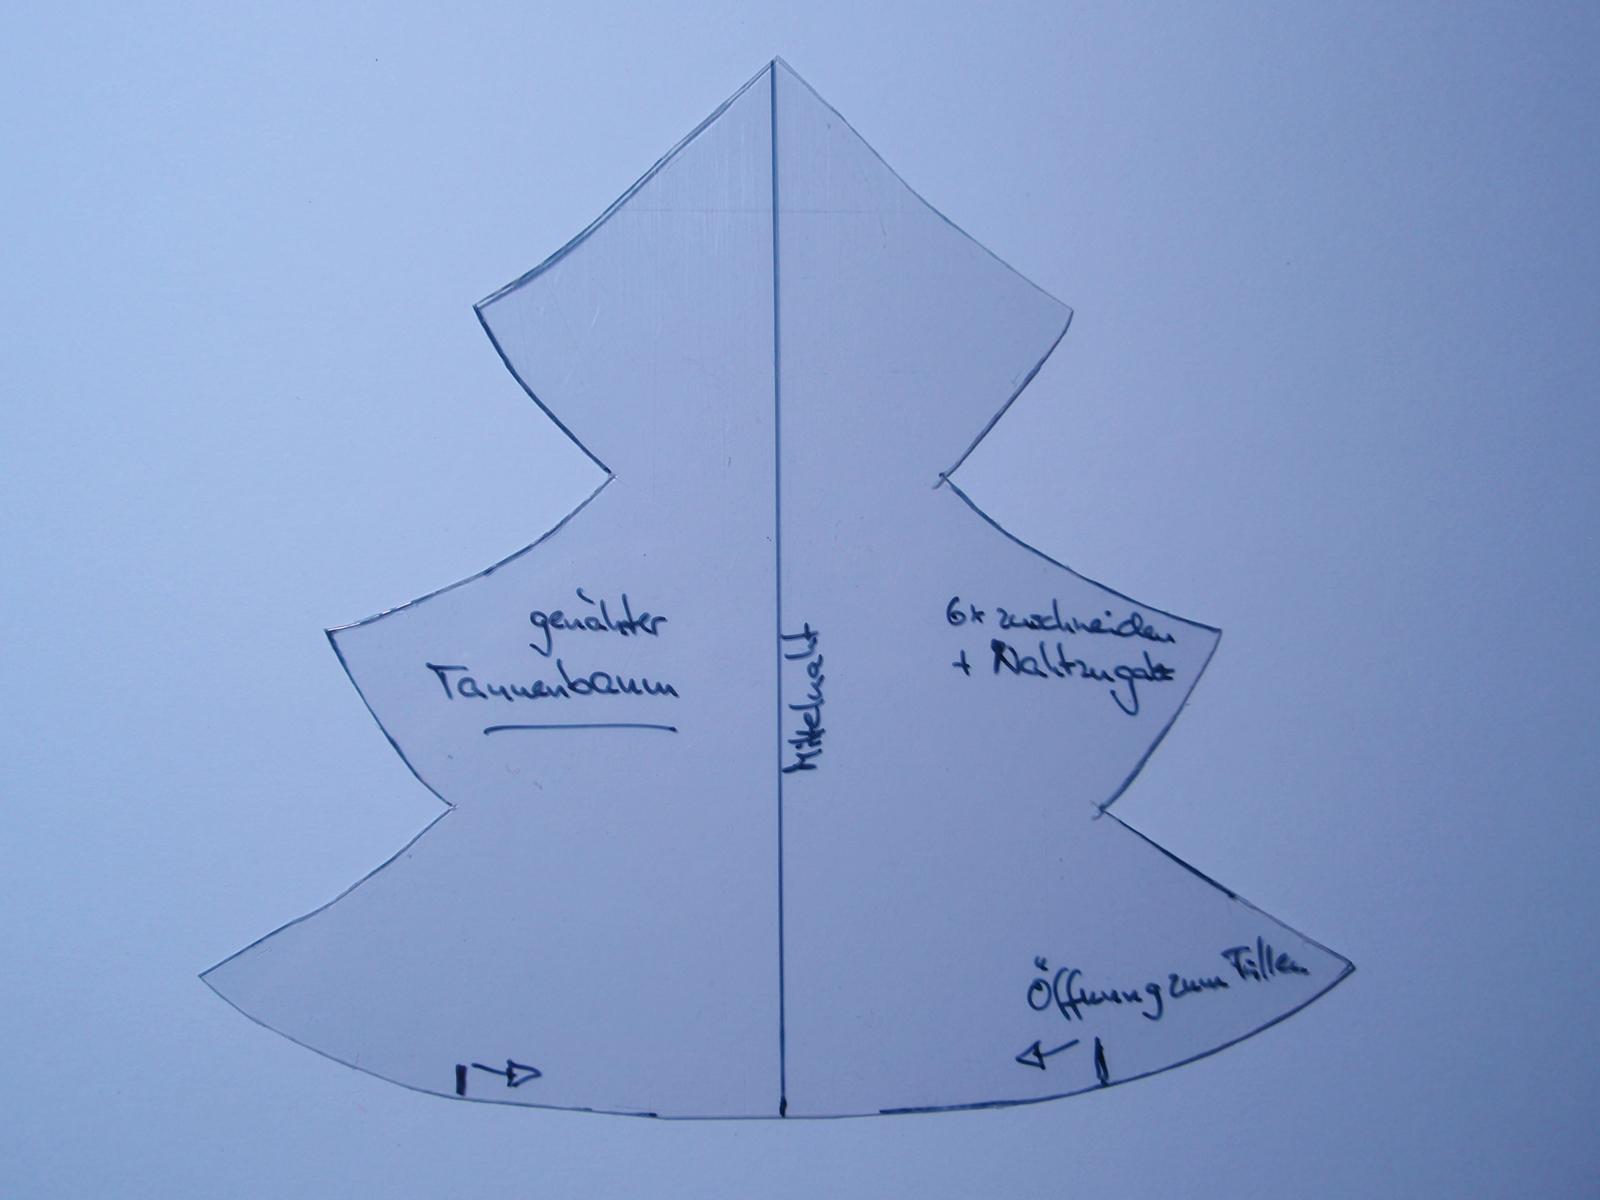 Großartig 3d Weihnachtsbaum Vorlage Galerie ...